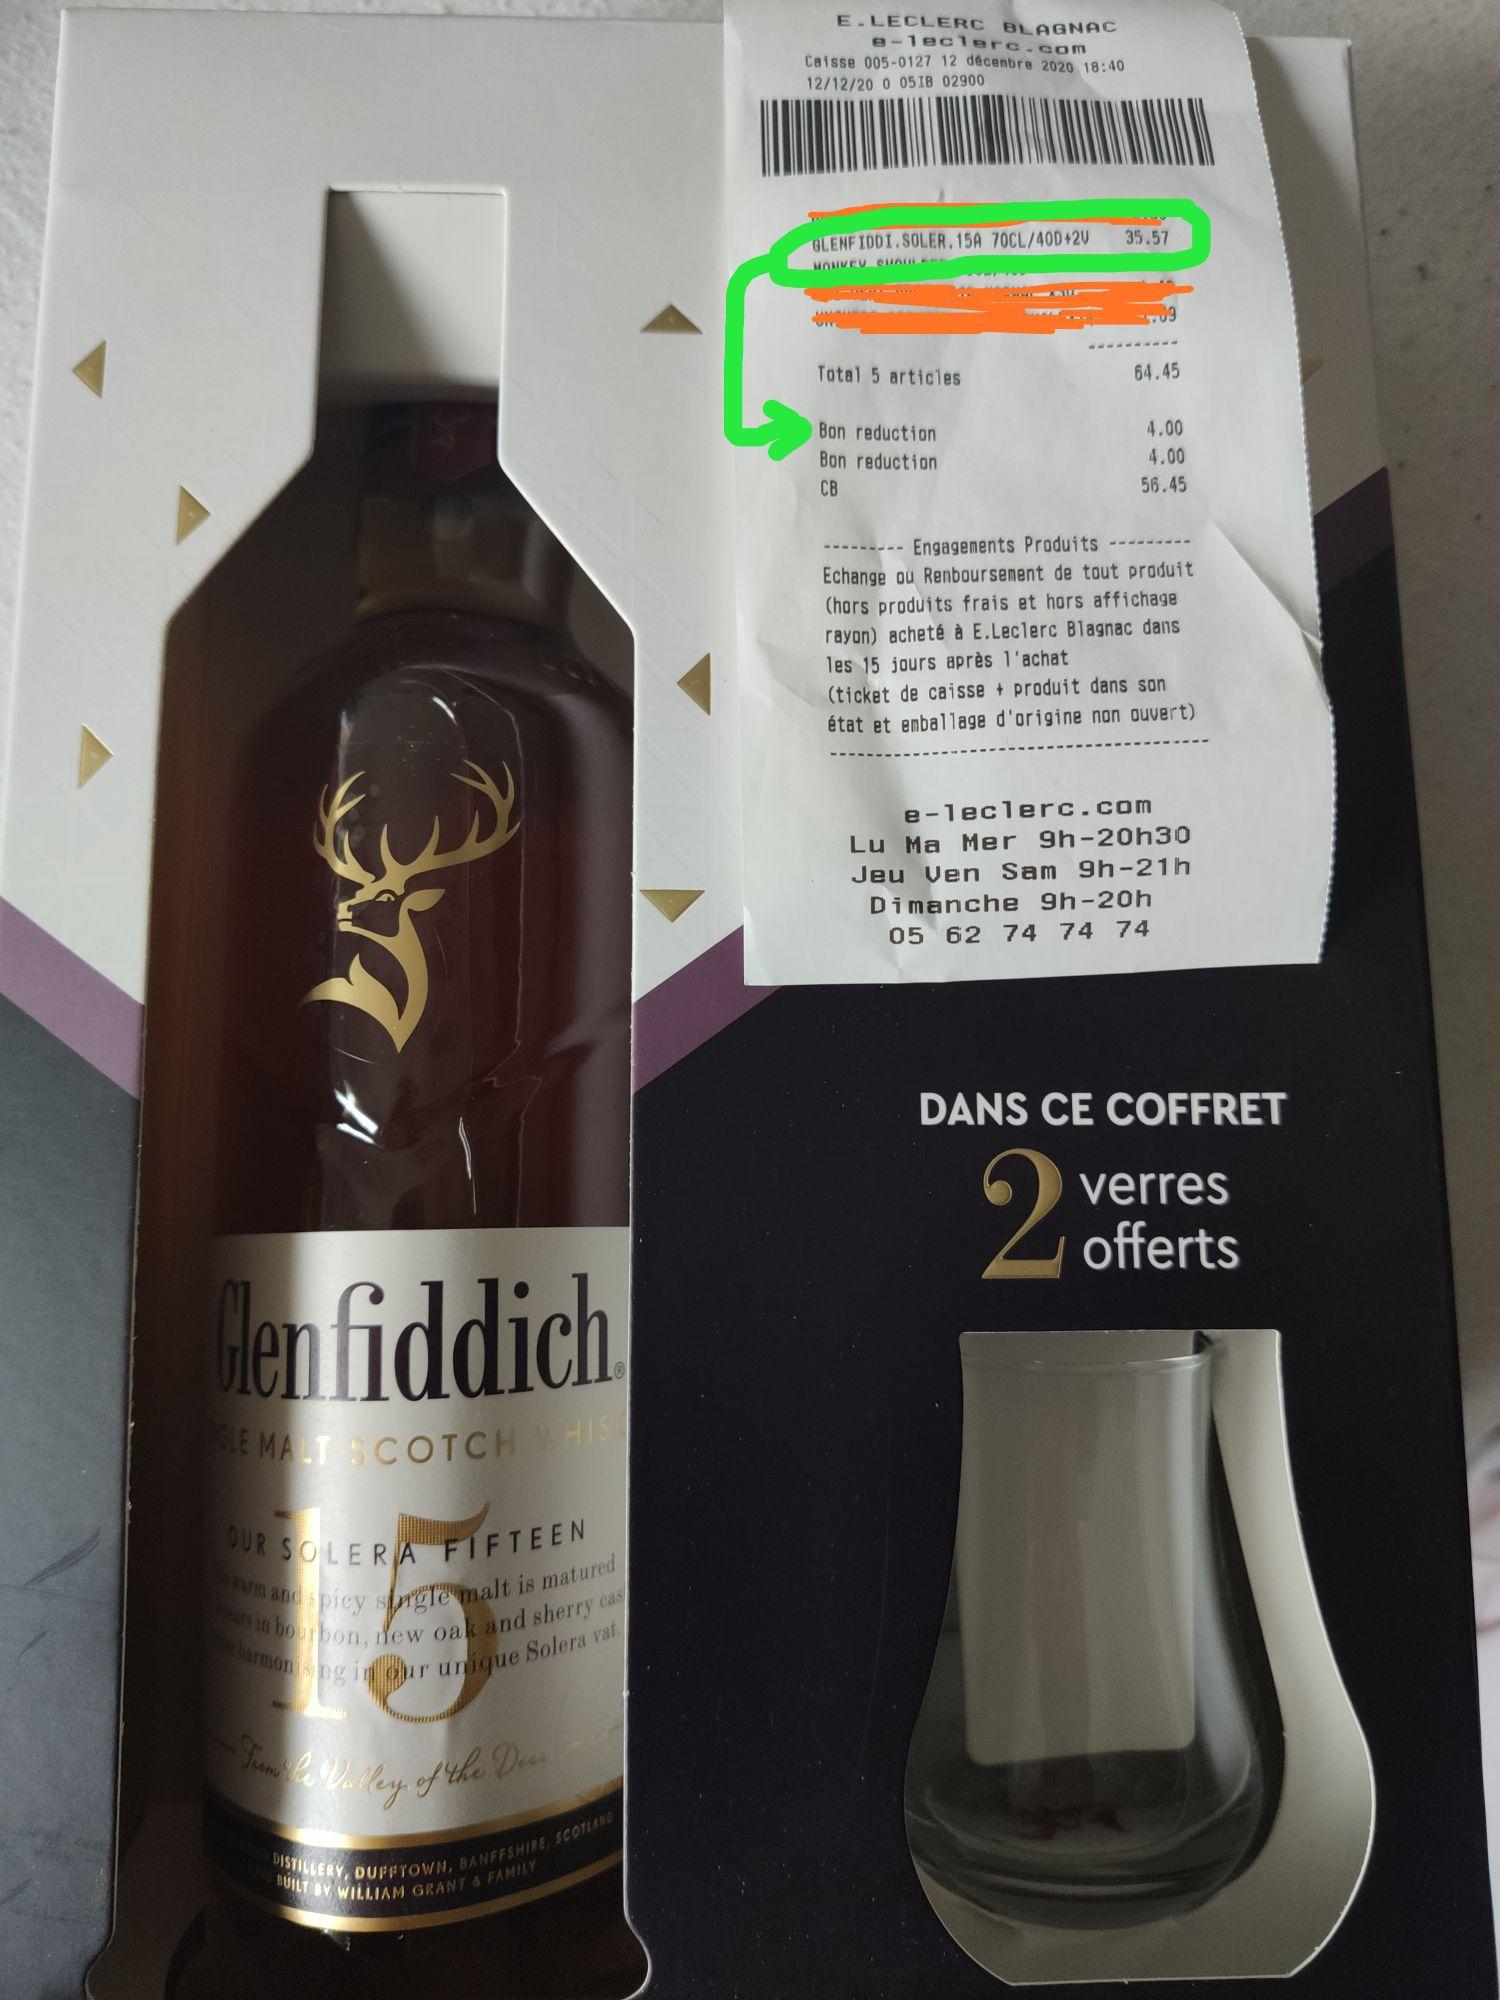 Coffret Whisky Glenfiddich 15 ans Single Malt + 2 verres offert (4€ de réduction sur demande au chef de rayon) - Leclerc Blagnac (31)